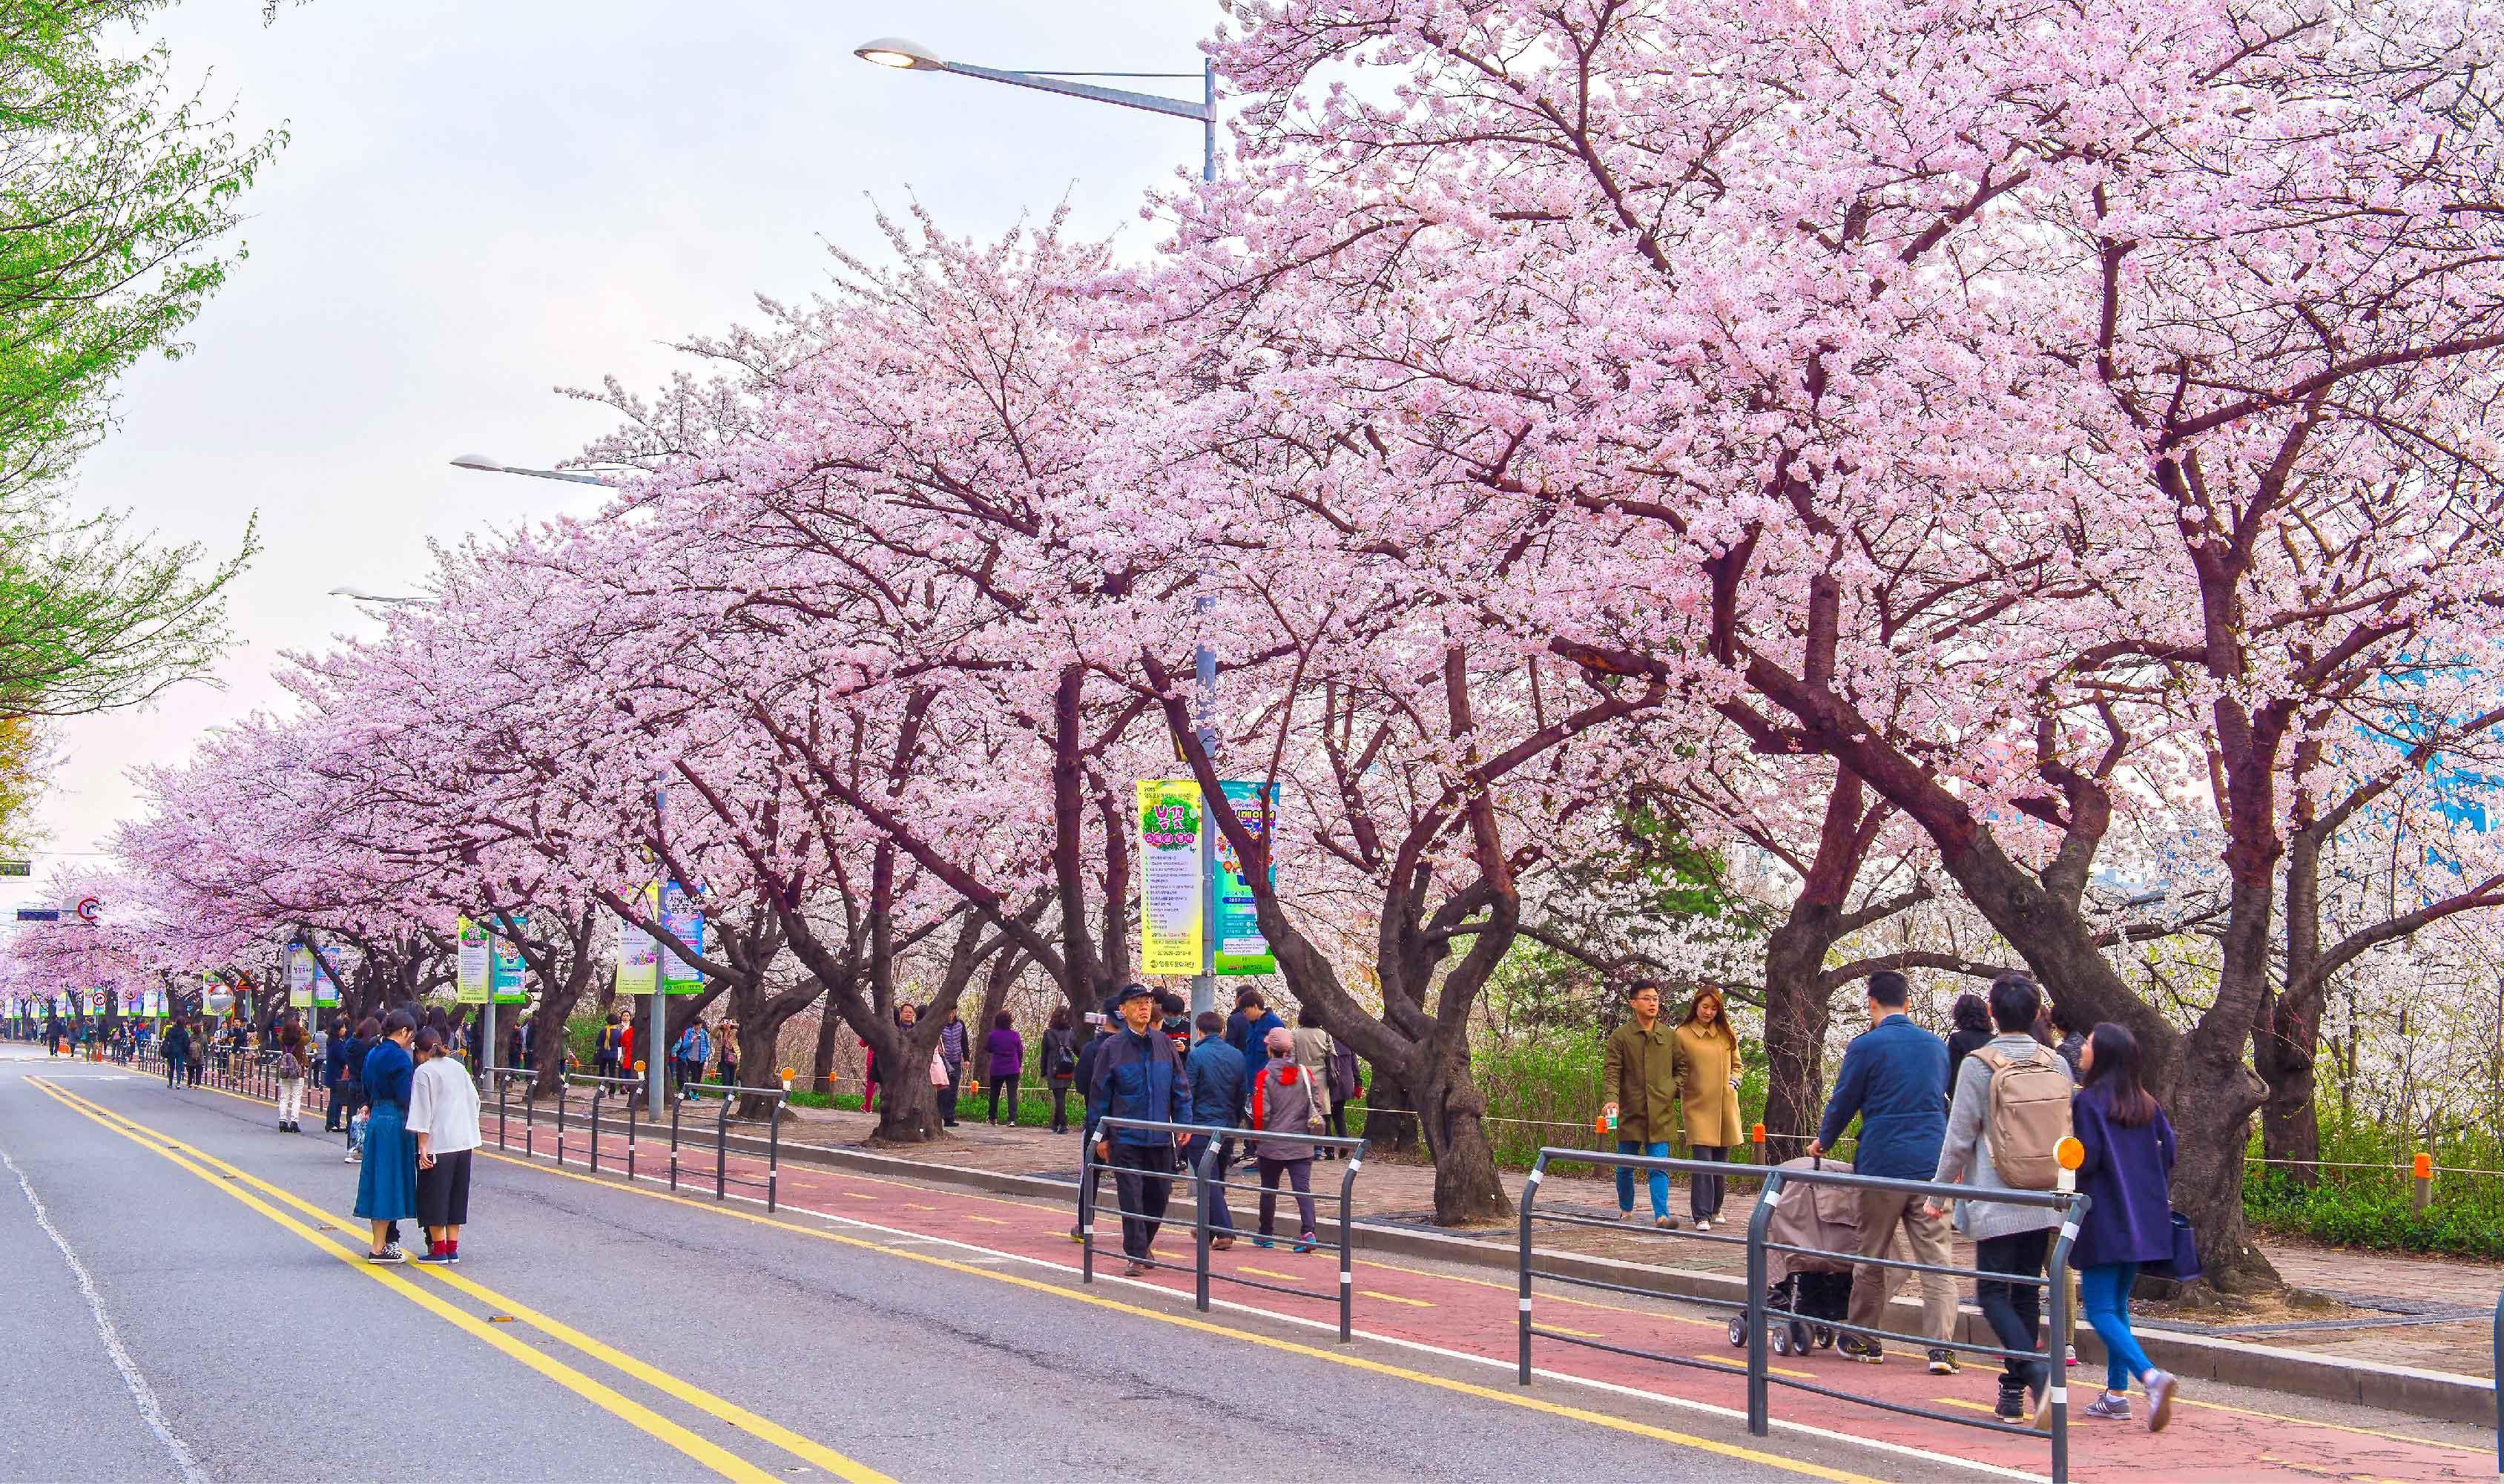 ทัวร์เกาหลี สวนสนุกเอเวอร์แลนด์ อุทยานแห่งชาติซอรัคซาน 5วัน 3คืน บินแอร์เอเชีย X (XJ)